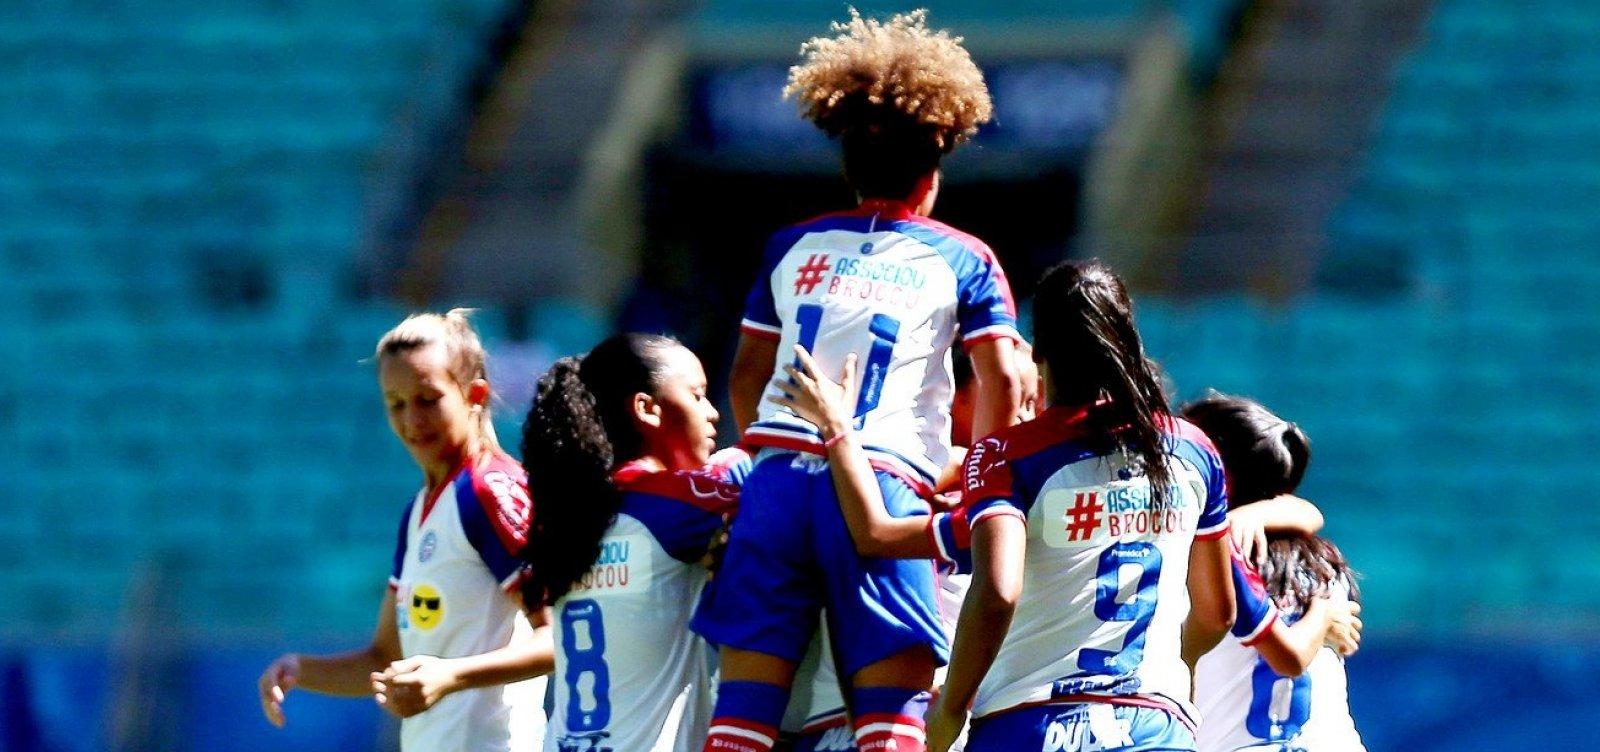 [Bahia encerra parceria e vai fundar novo time de futebol feminino]